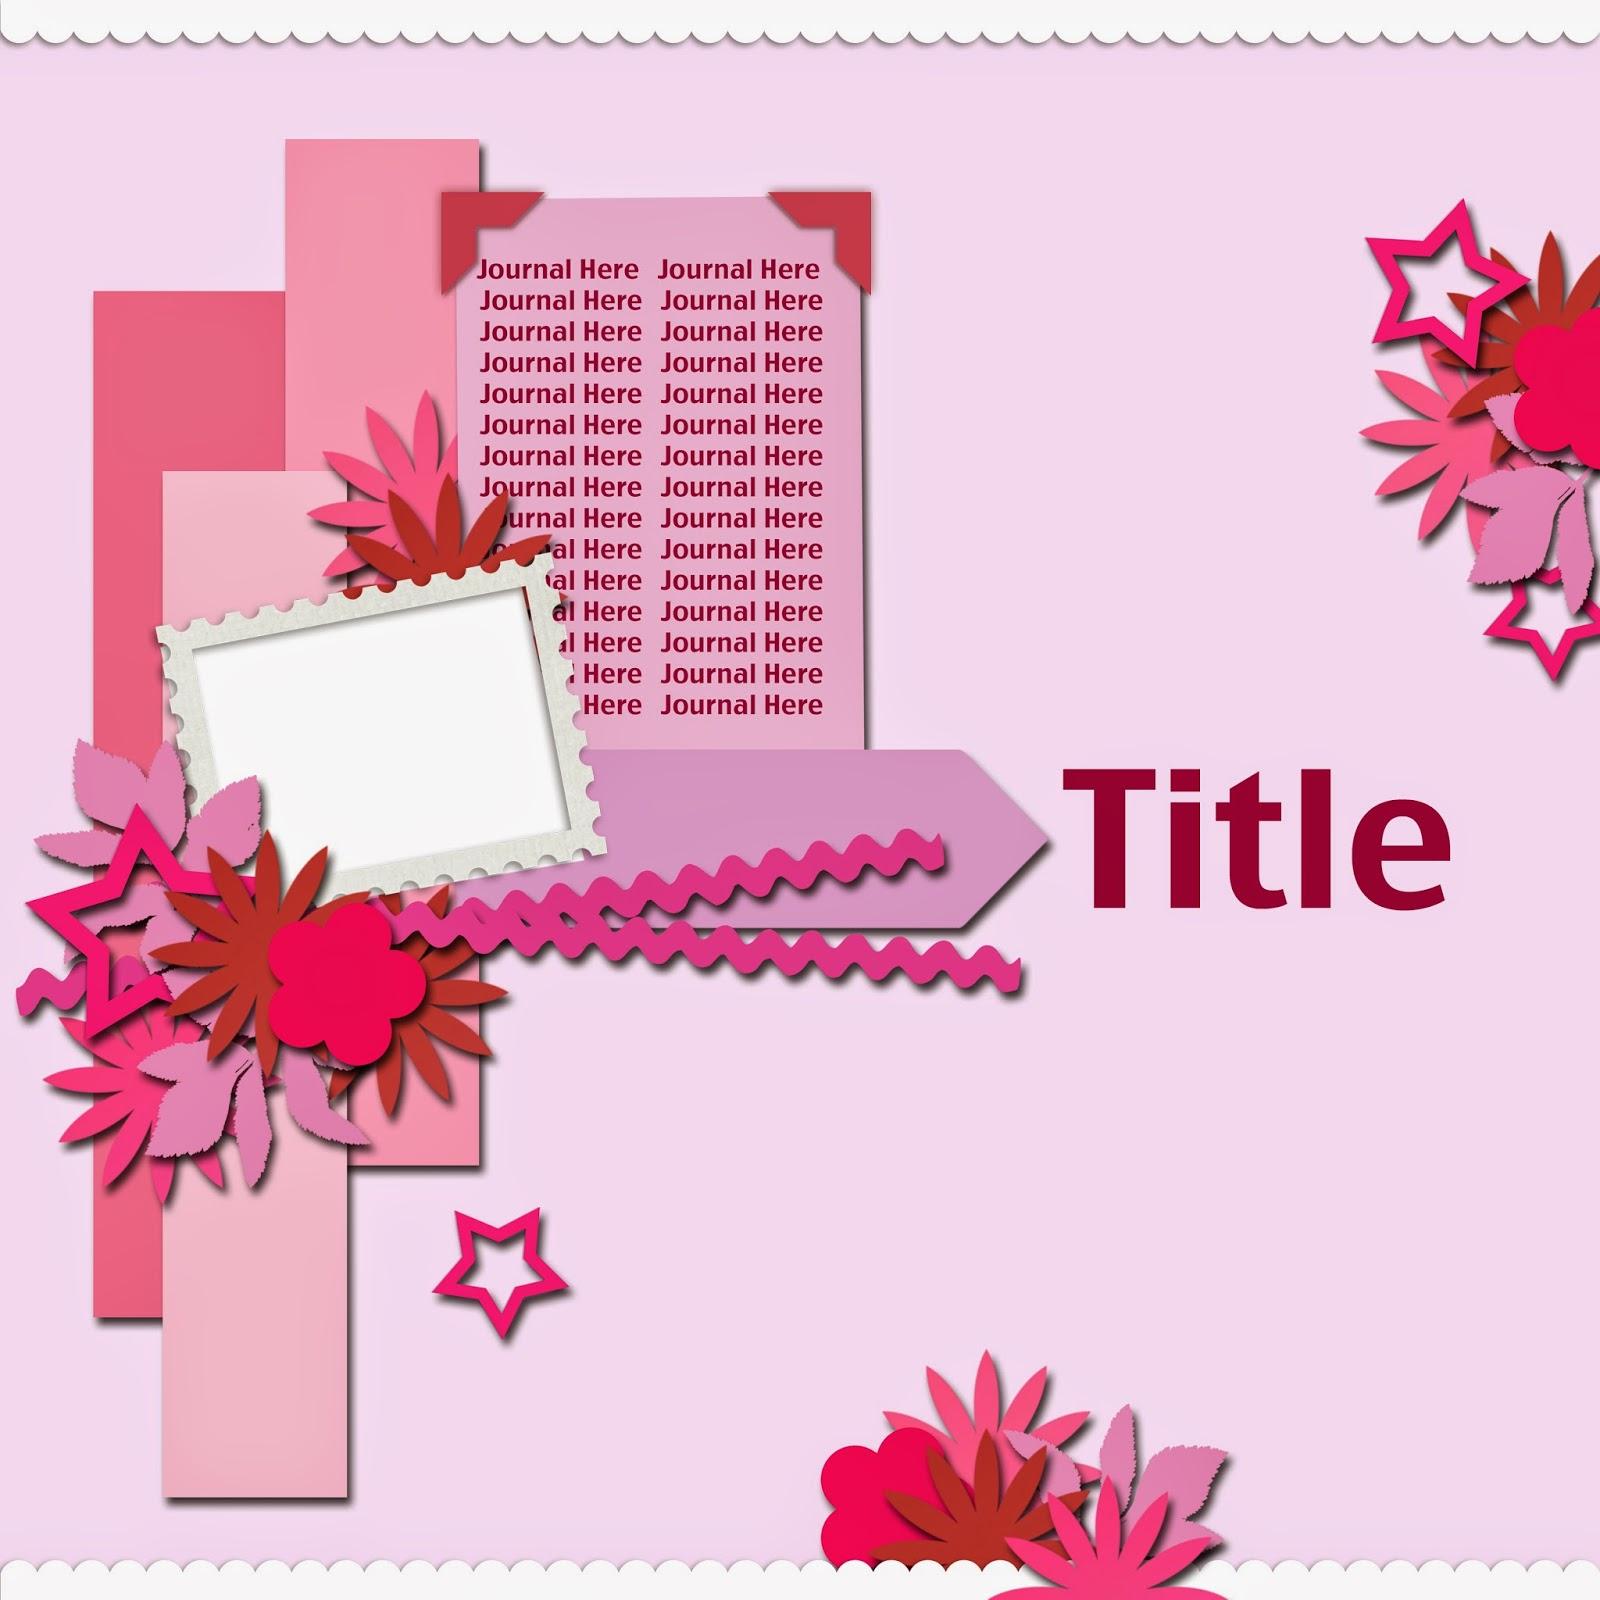 http://1.bp.blogspot.com/-ZNAQMeYq77s/U1PzSEU_zSI/AAAAAAAAAbc/58WjzqJh344/s1600/04_15_14_edited-1.jpg